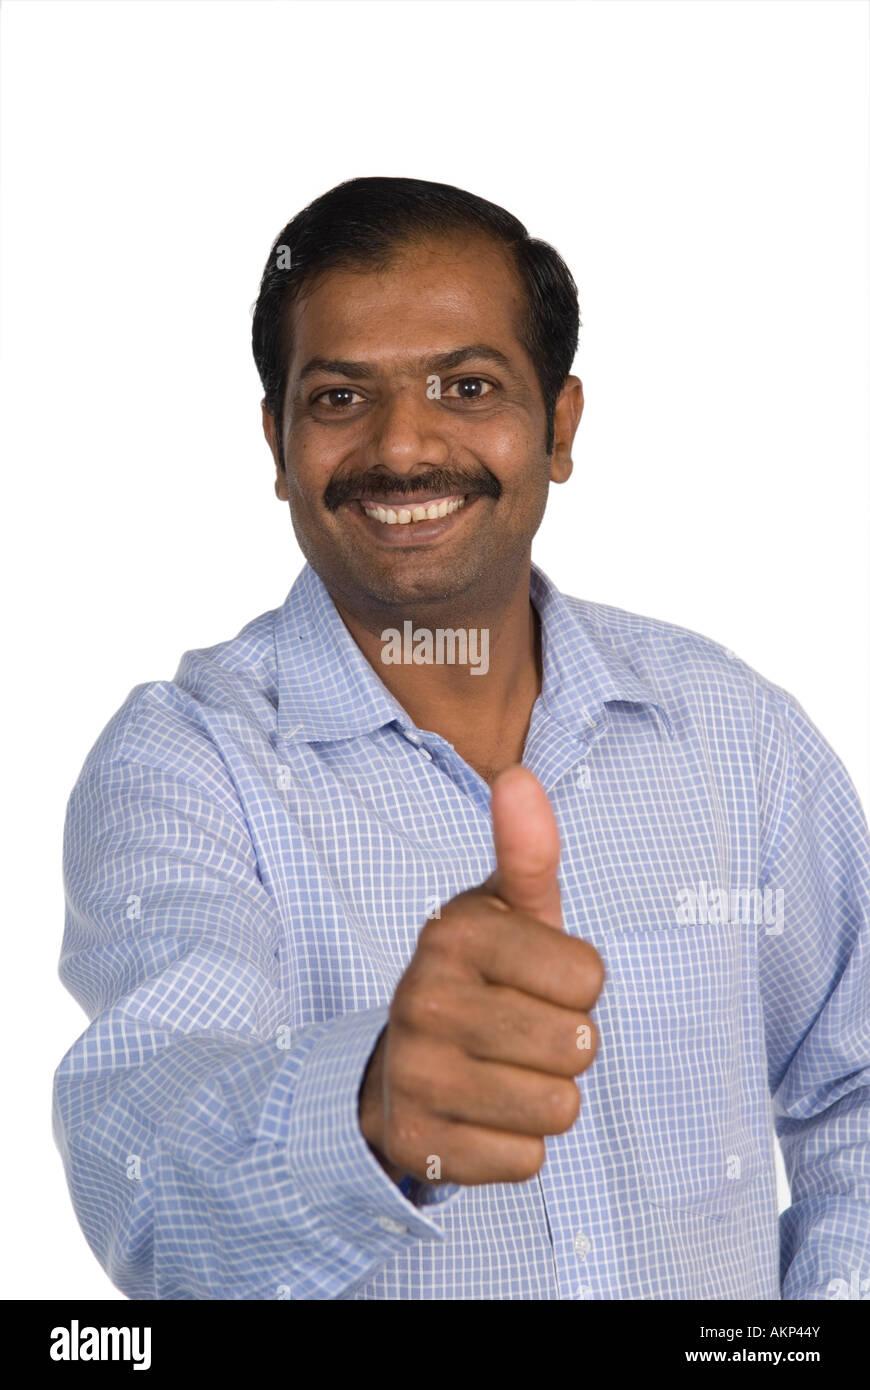 mature indian man thumbs up stock photo: 15047930 - alamy